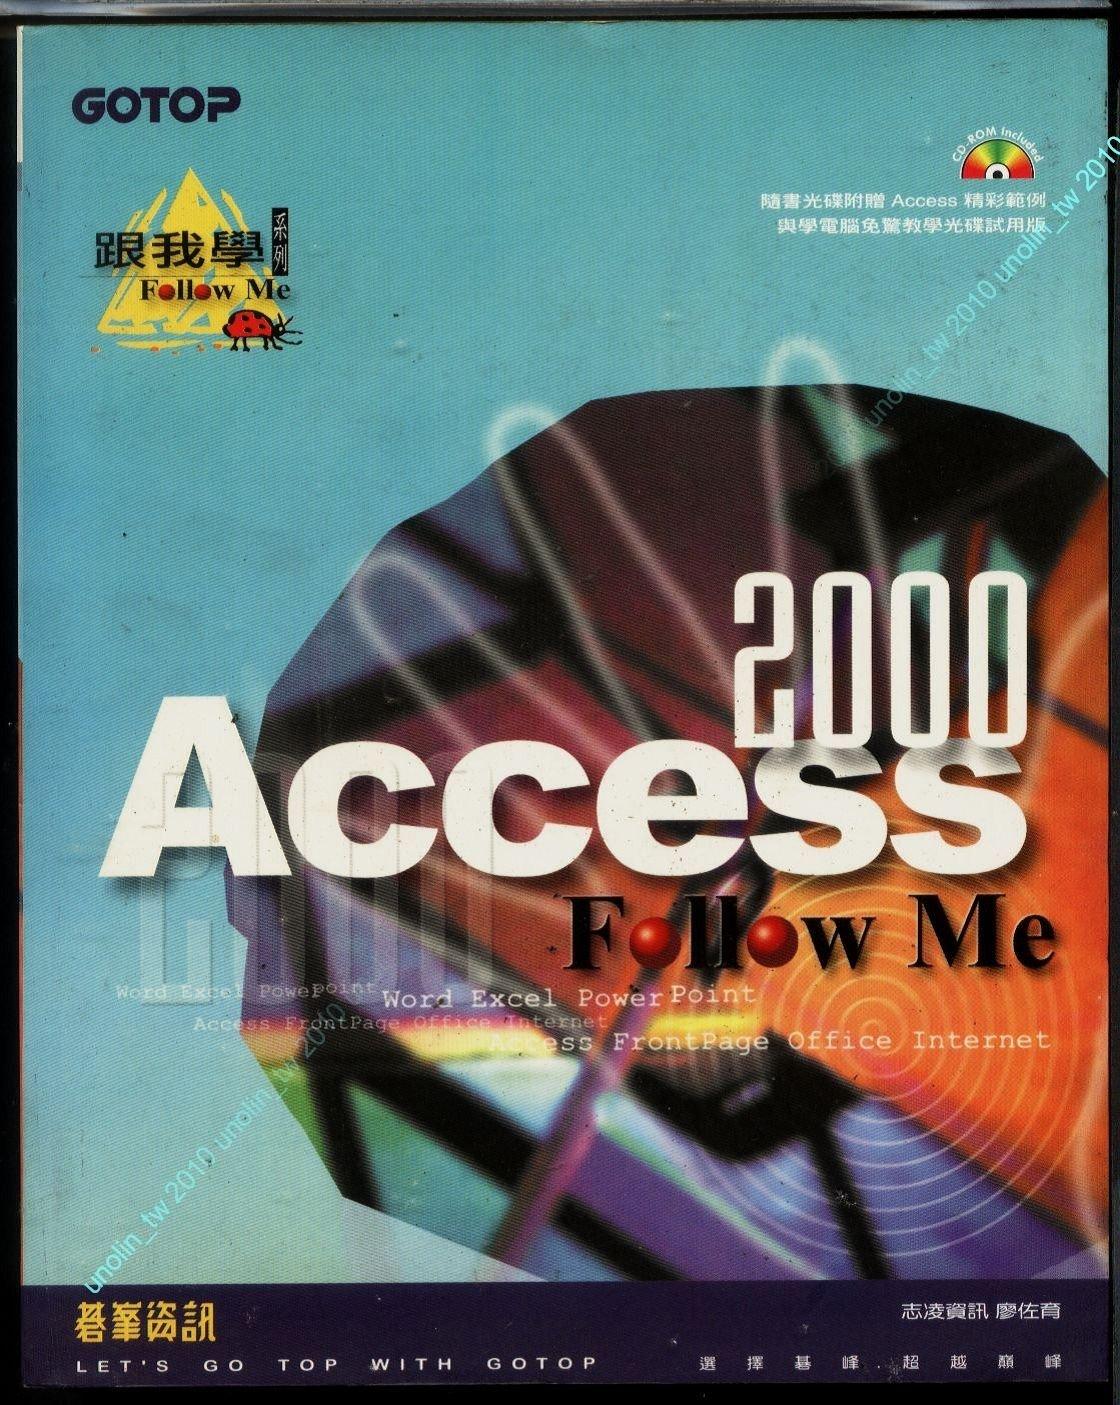 買4送1【ACCESS 2000 FOLLOW ME】電腦網路網頁軟體使用教學參考工具書+光碟~碁峰初版廖佐育著~免競標